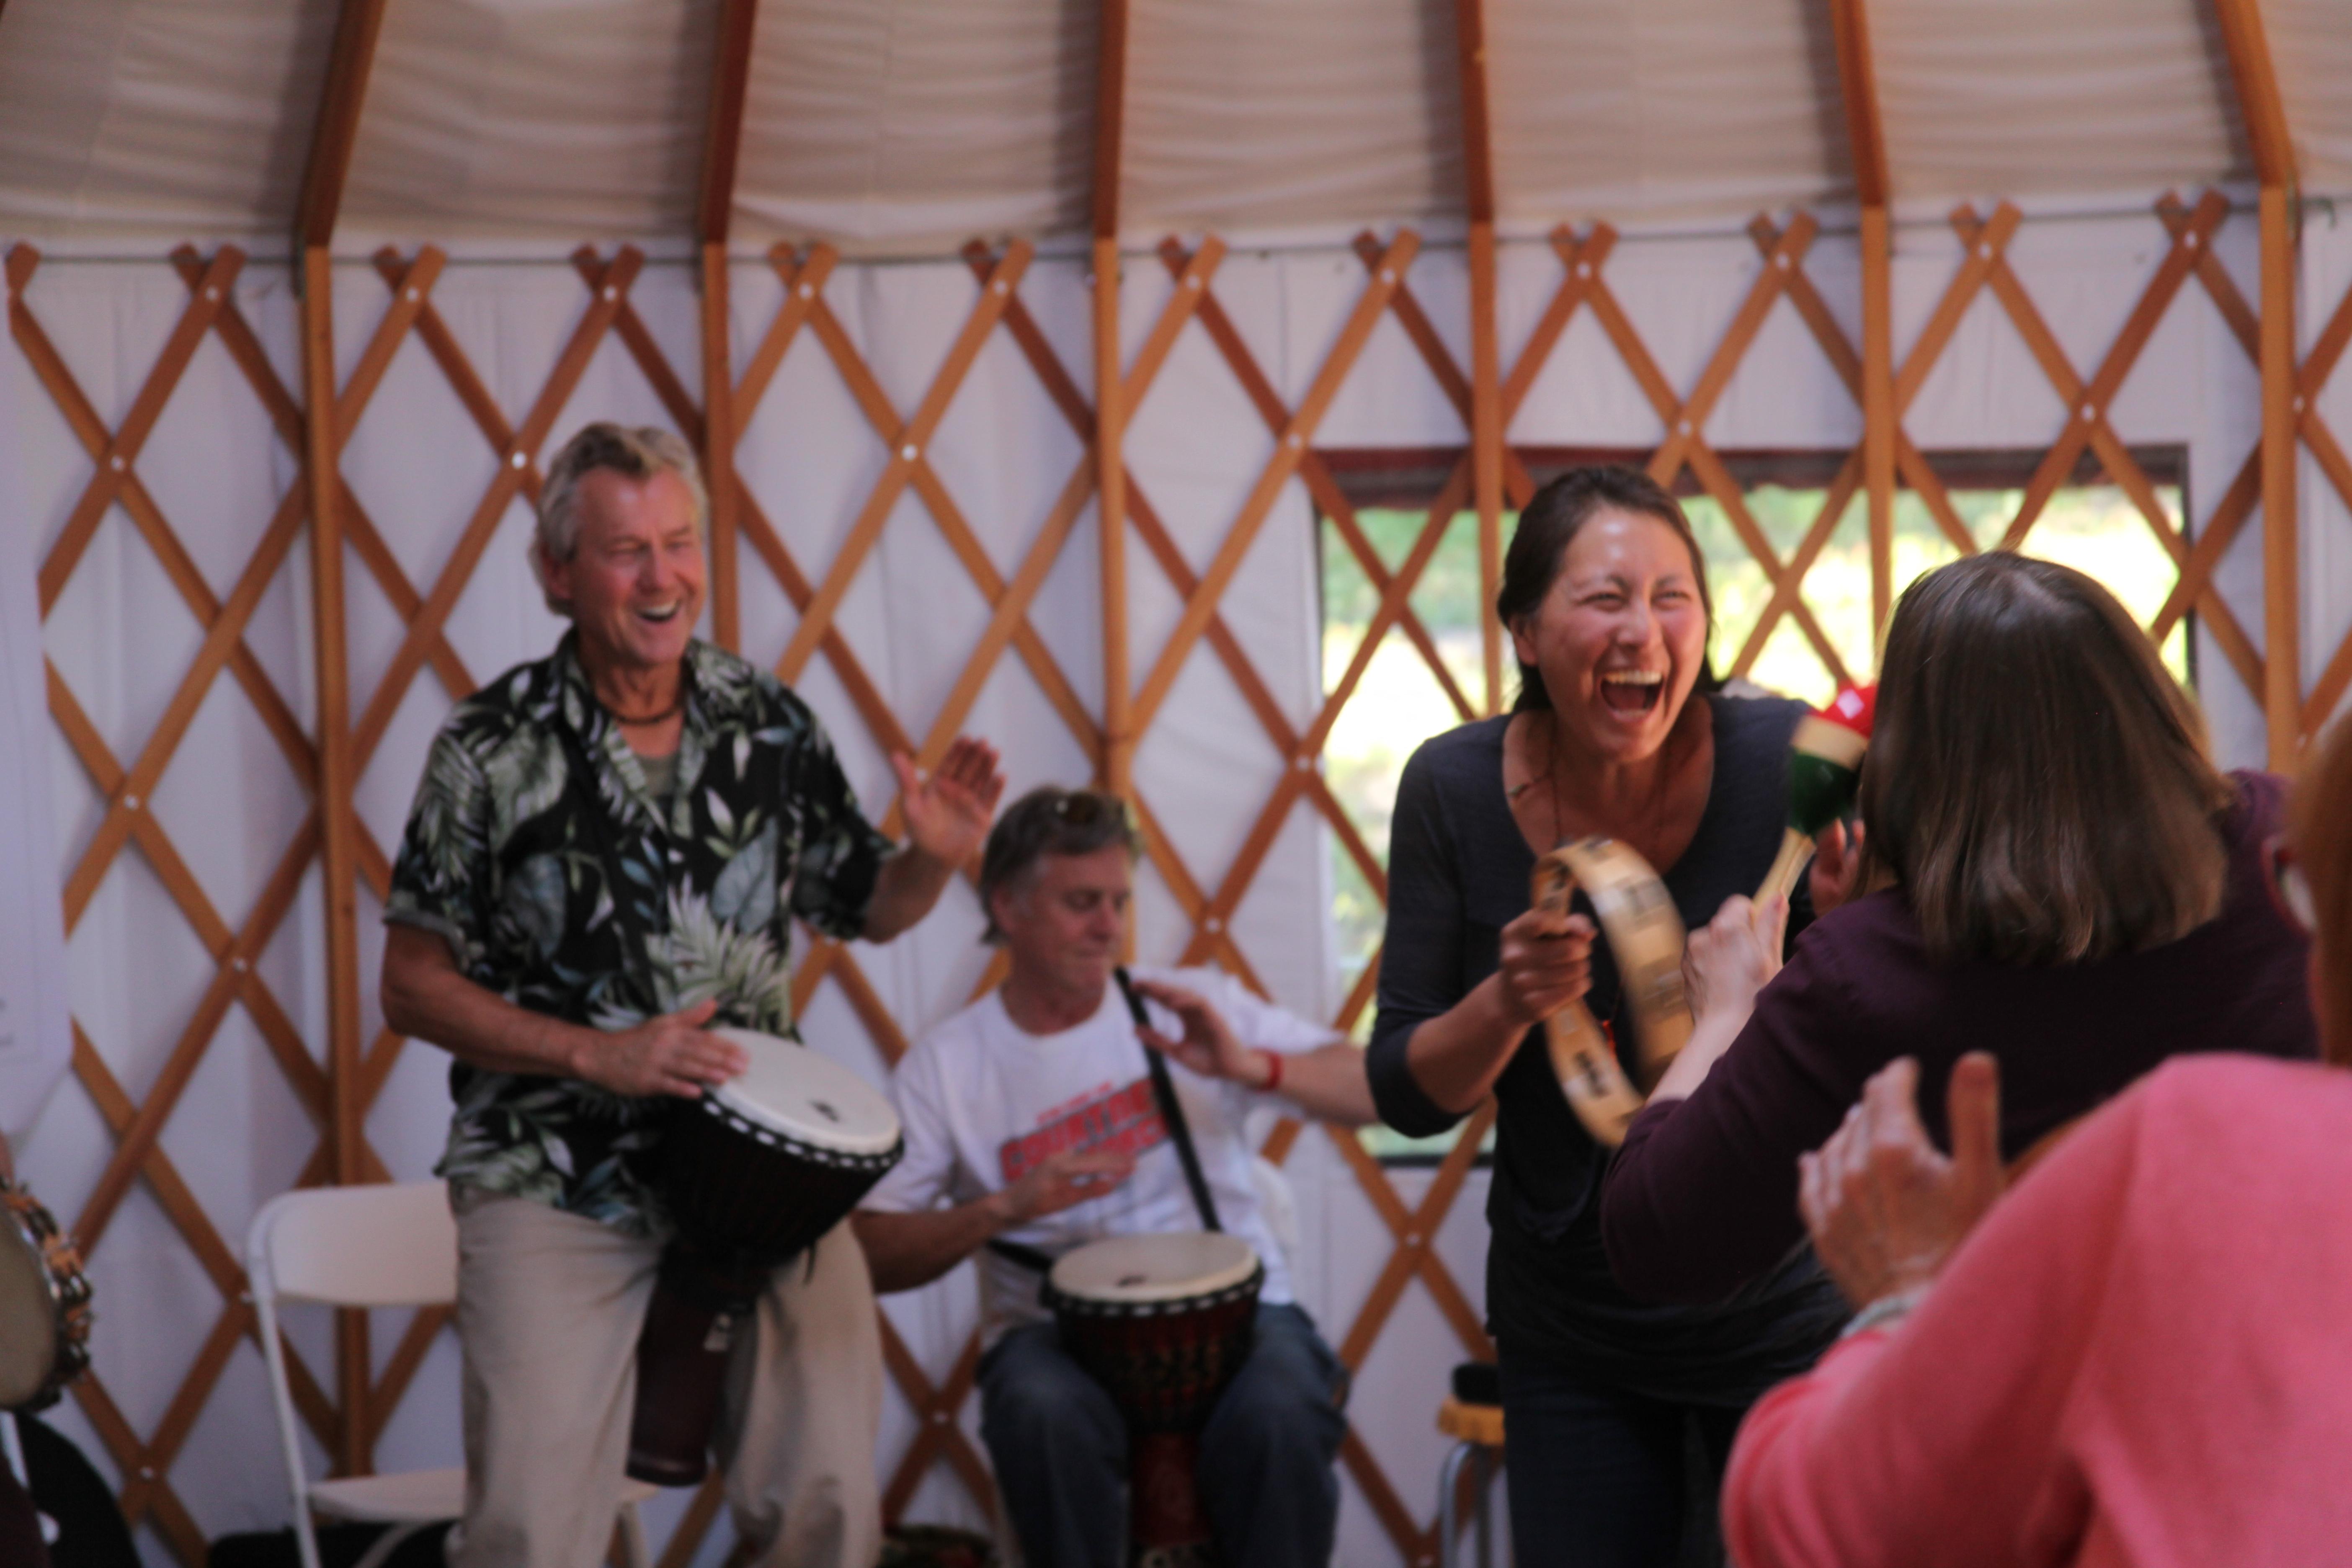 Music In the Yurt